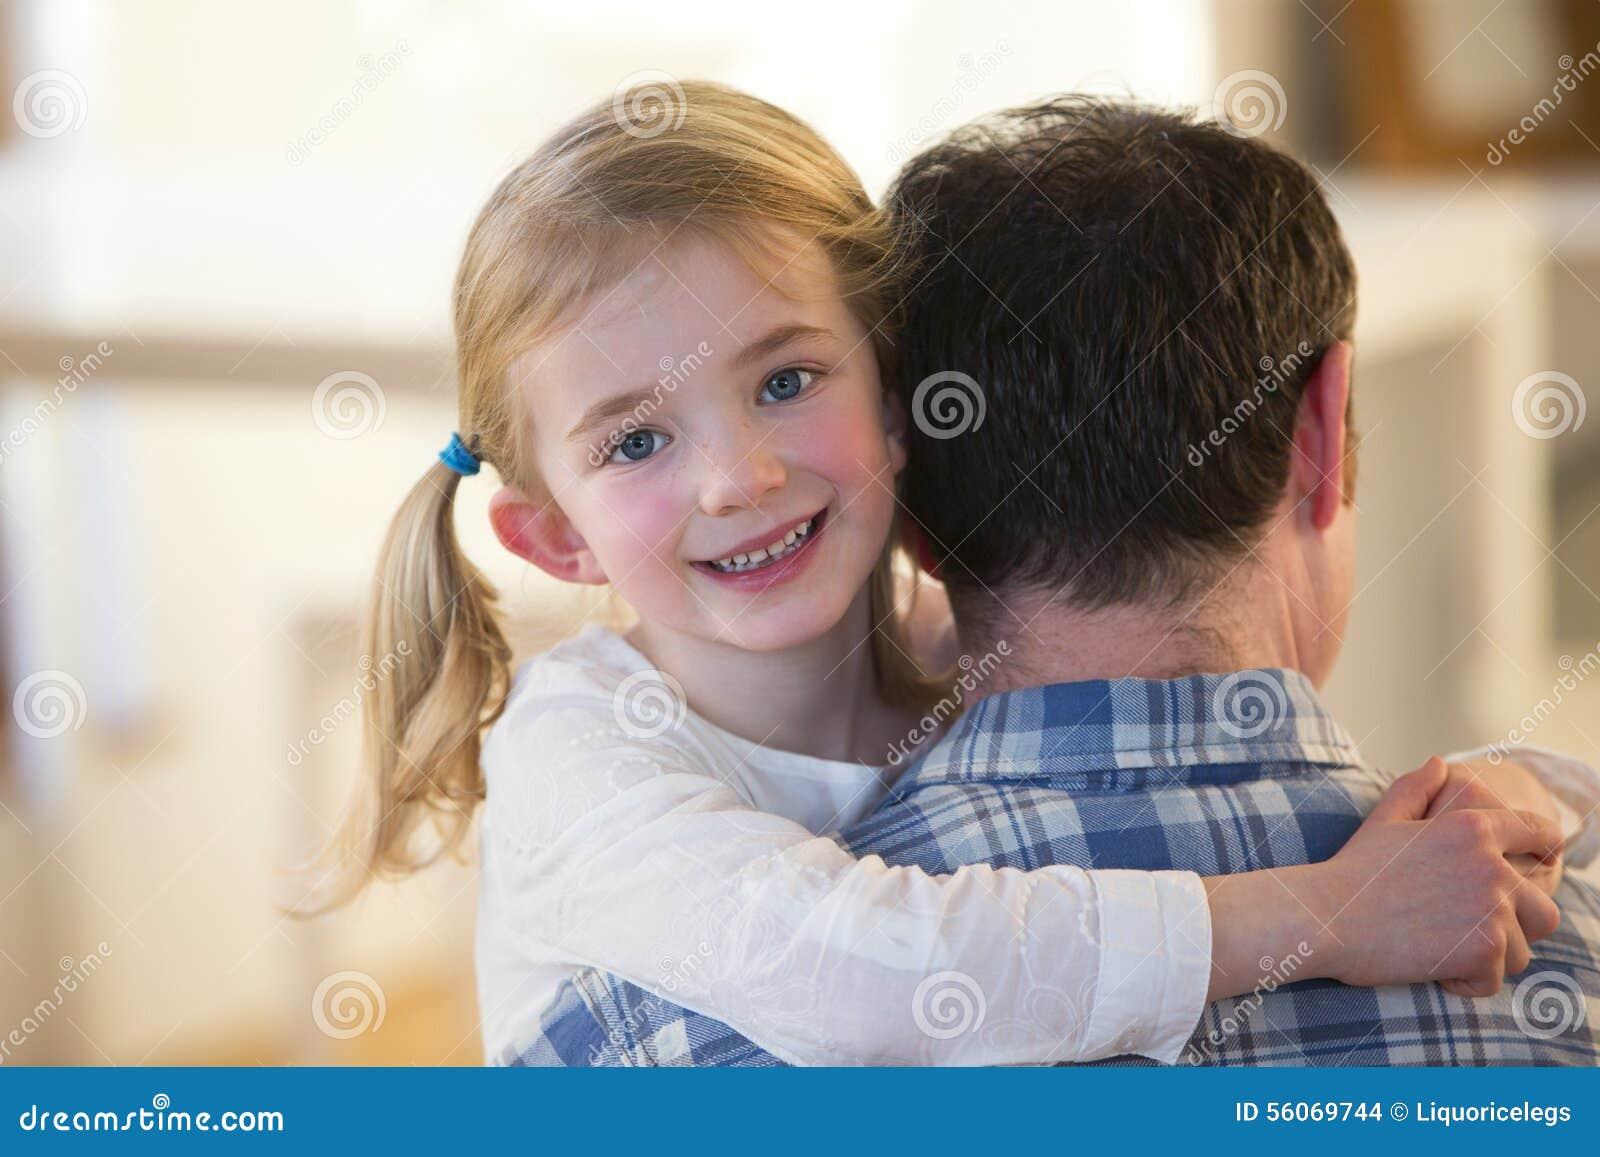 Μικρό κορίτσι που θέτει ταυτόχρονα φεμένος από τον πατέρα της